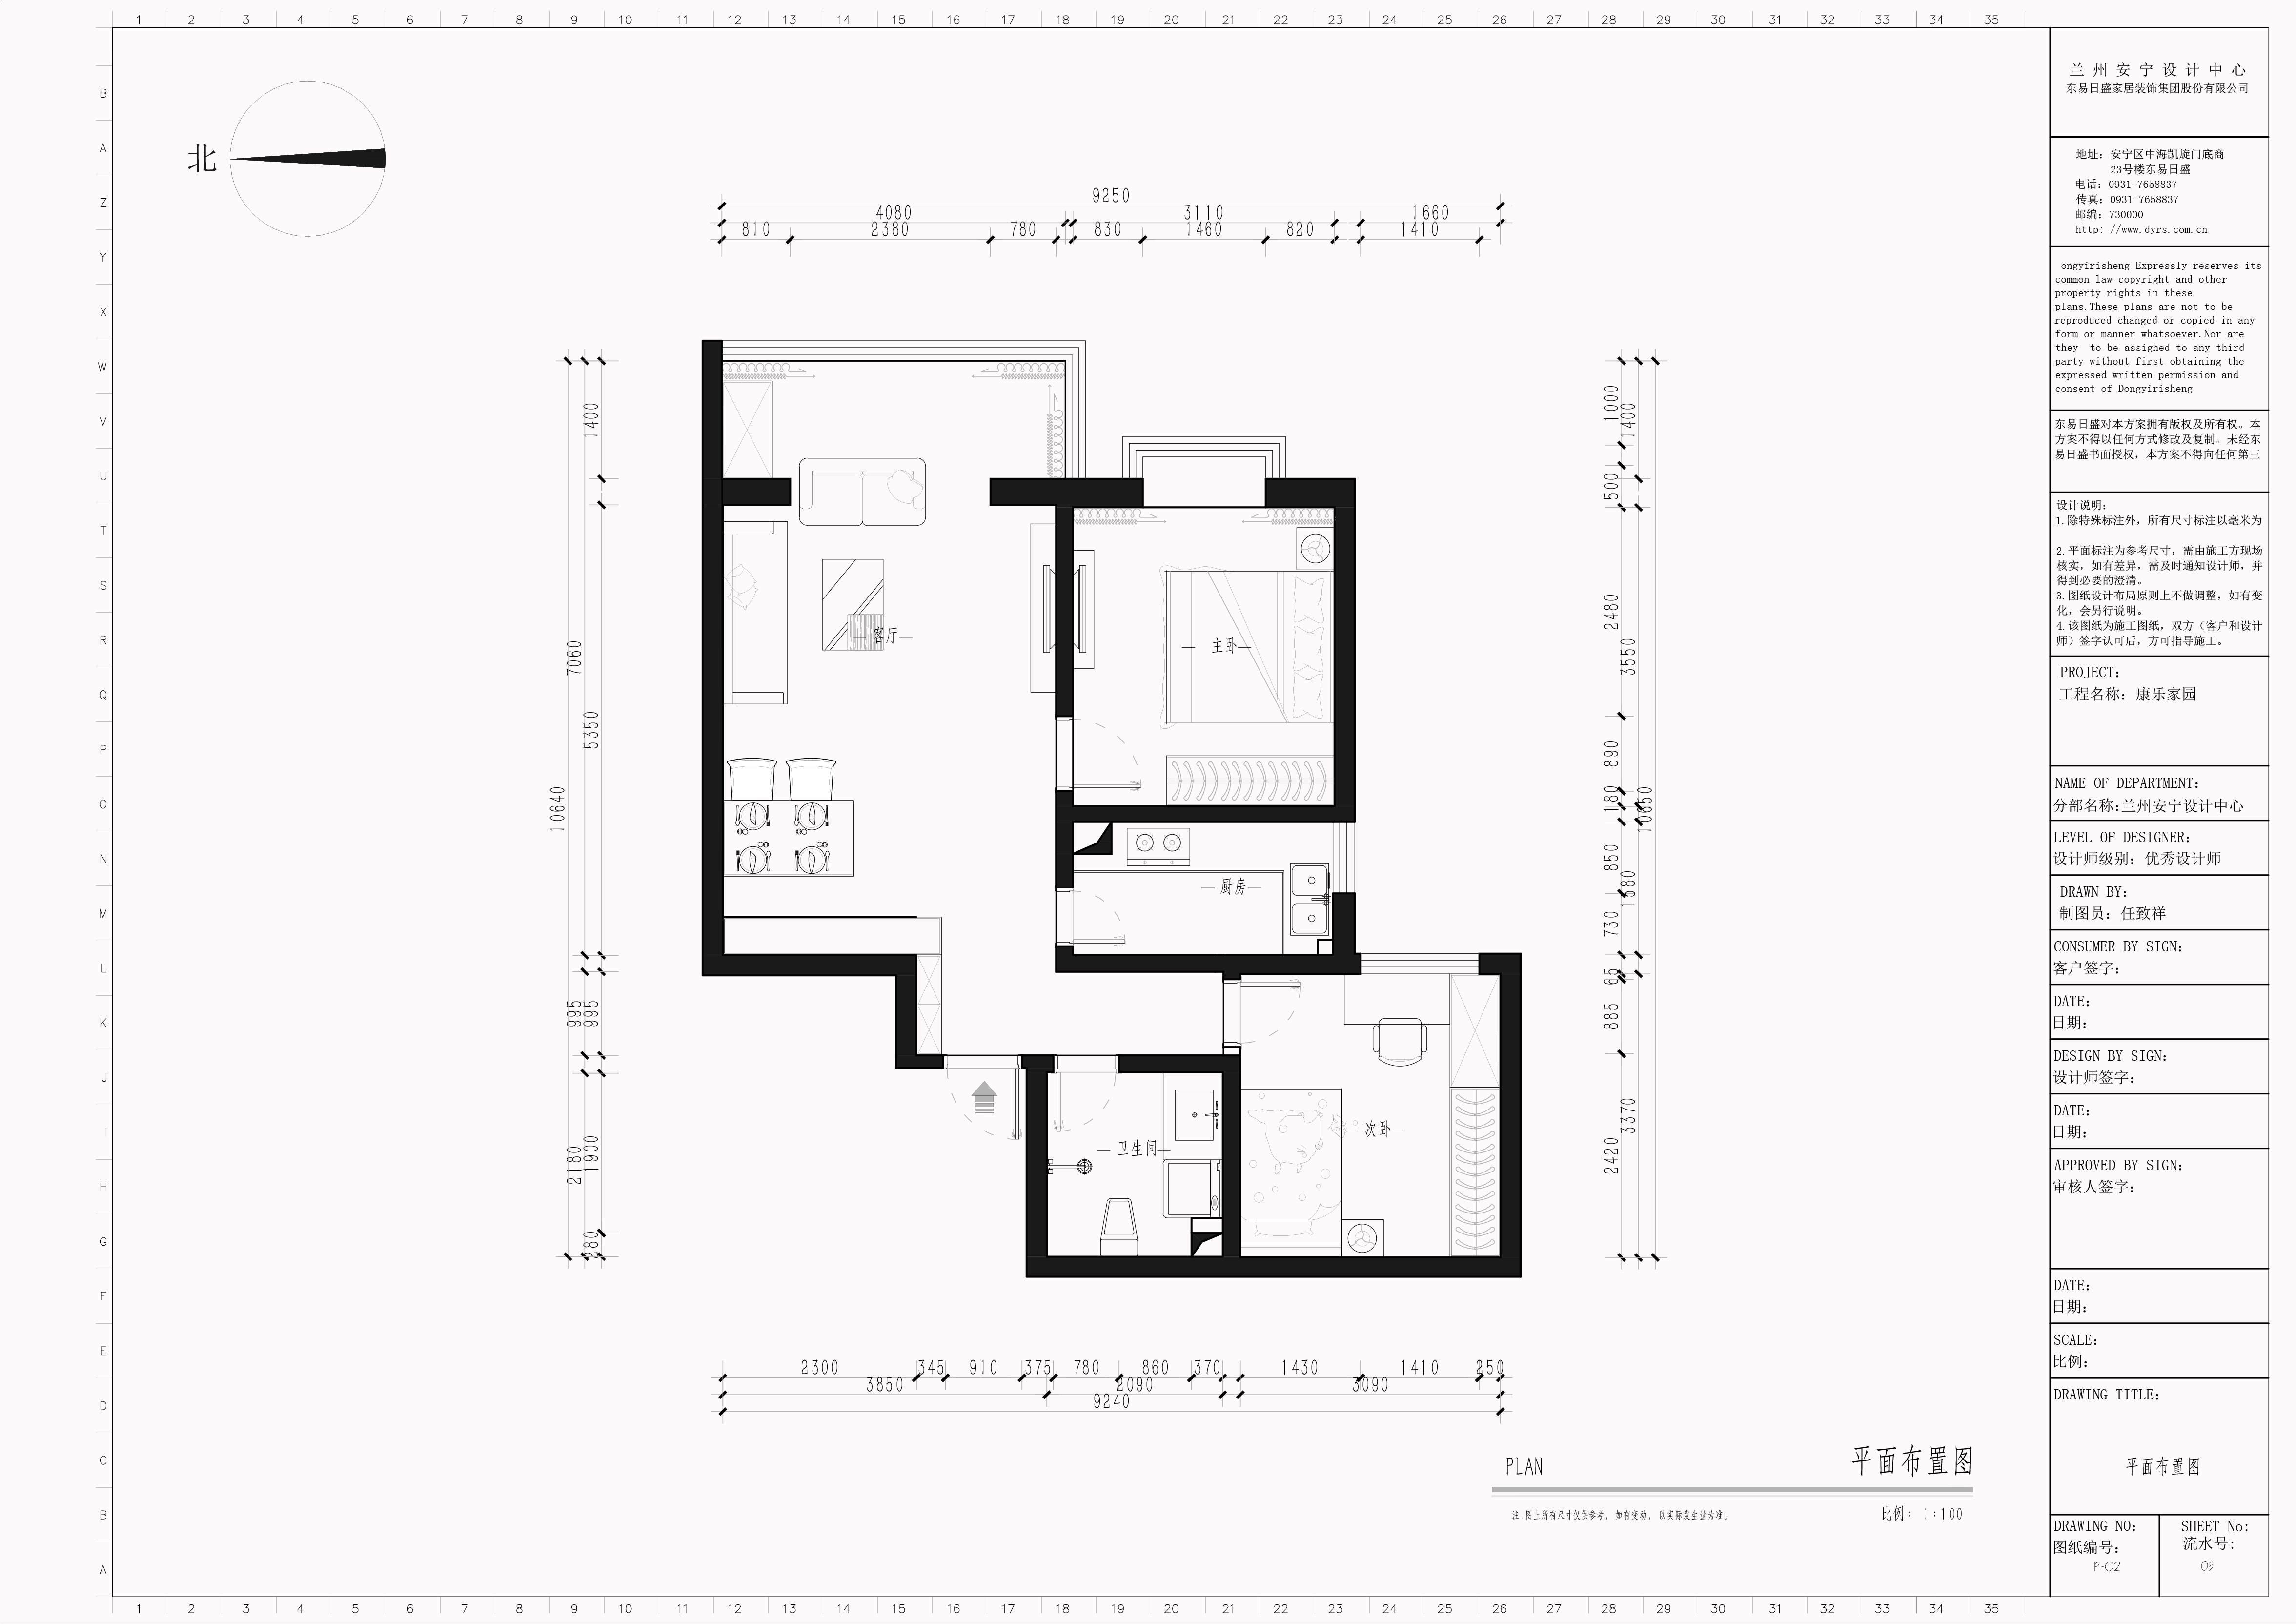 西固康乐家园-98平米-简约风格装修案例效果图装修设计理念